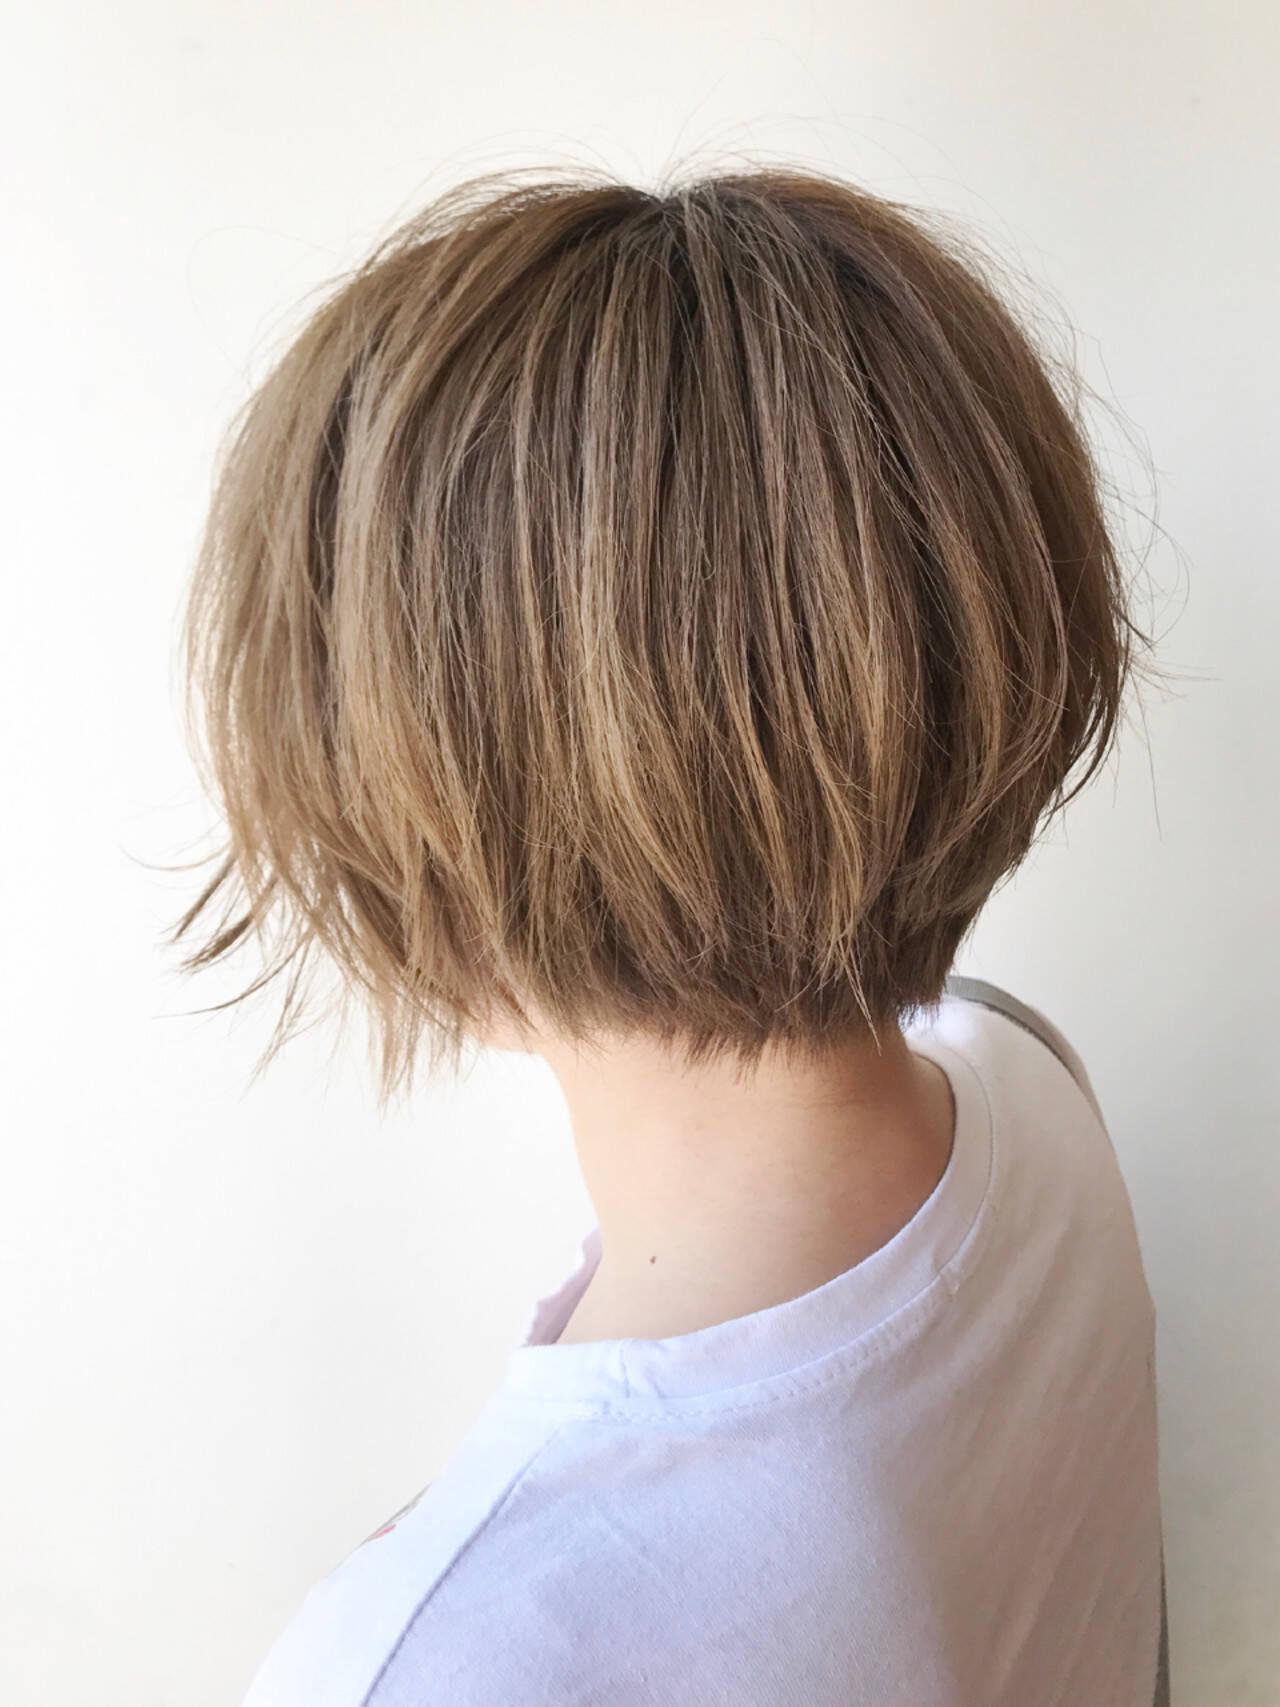 ハイトーン ショート ストリート ボブヘアスタイルや髪型の写真・画像